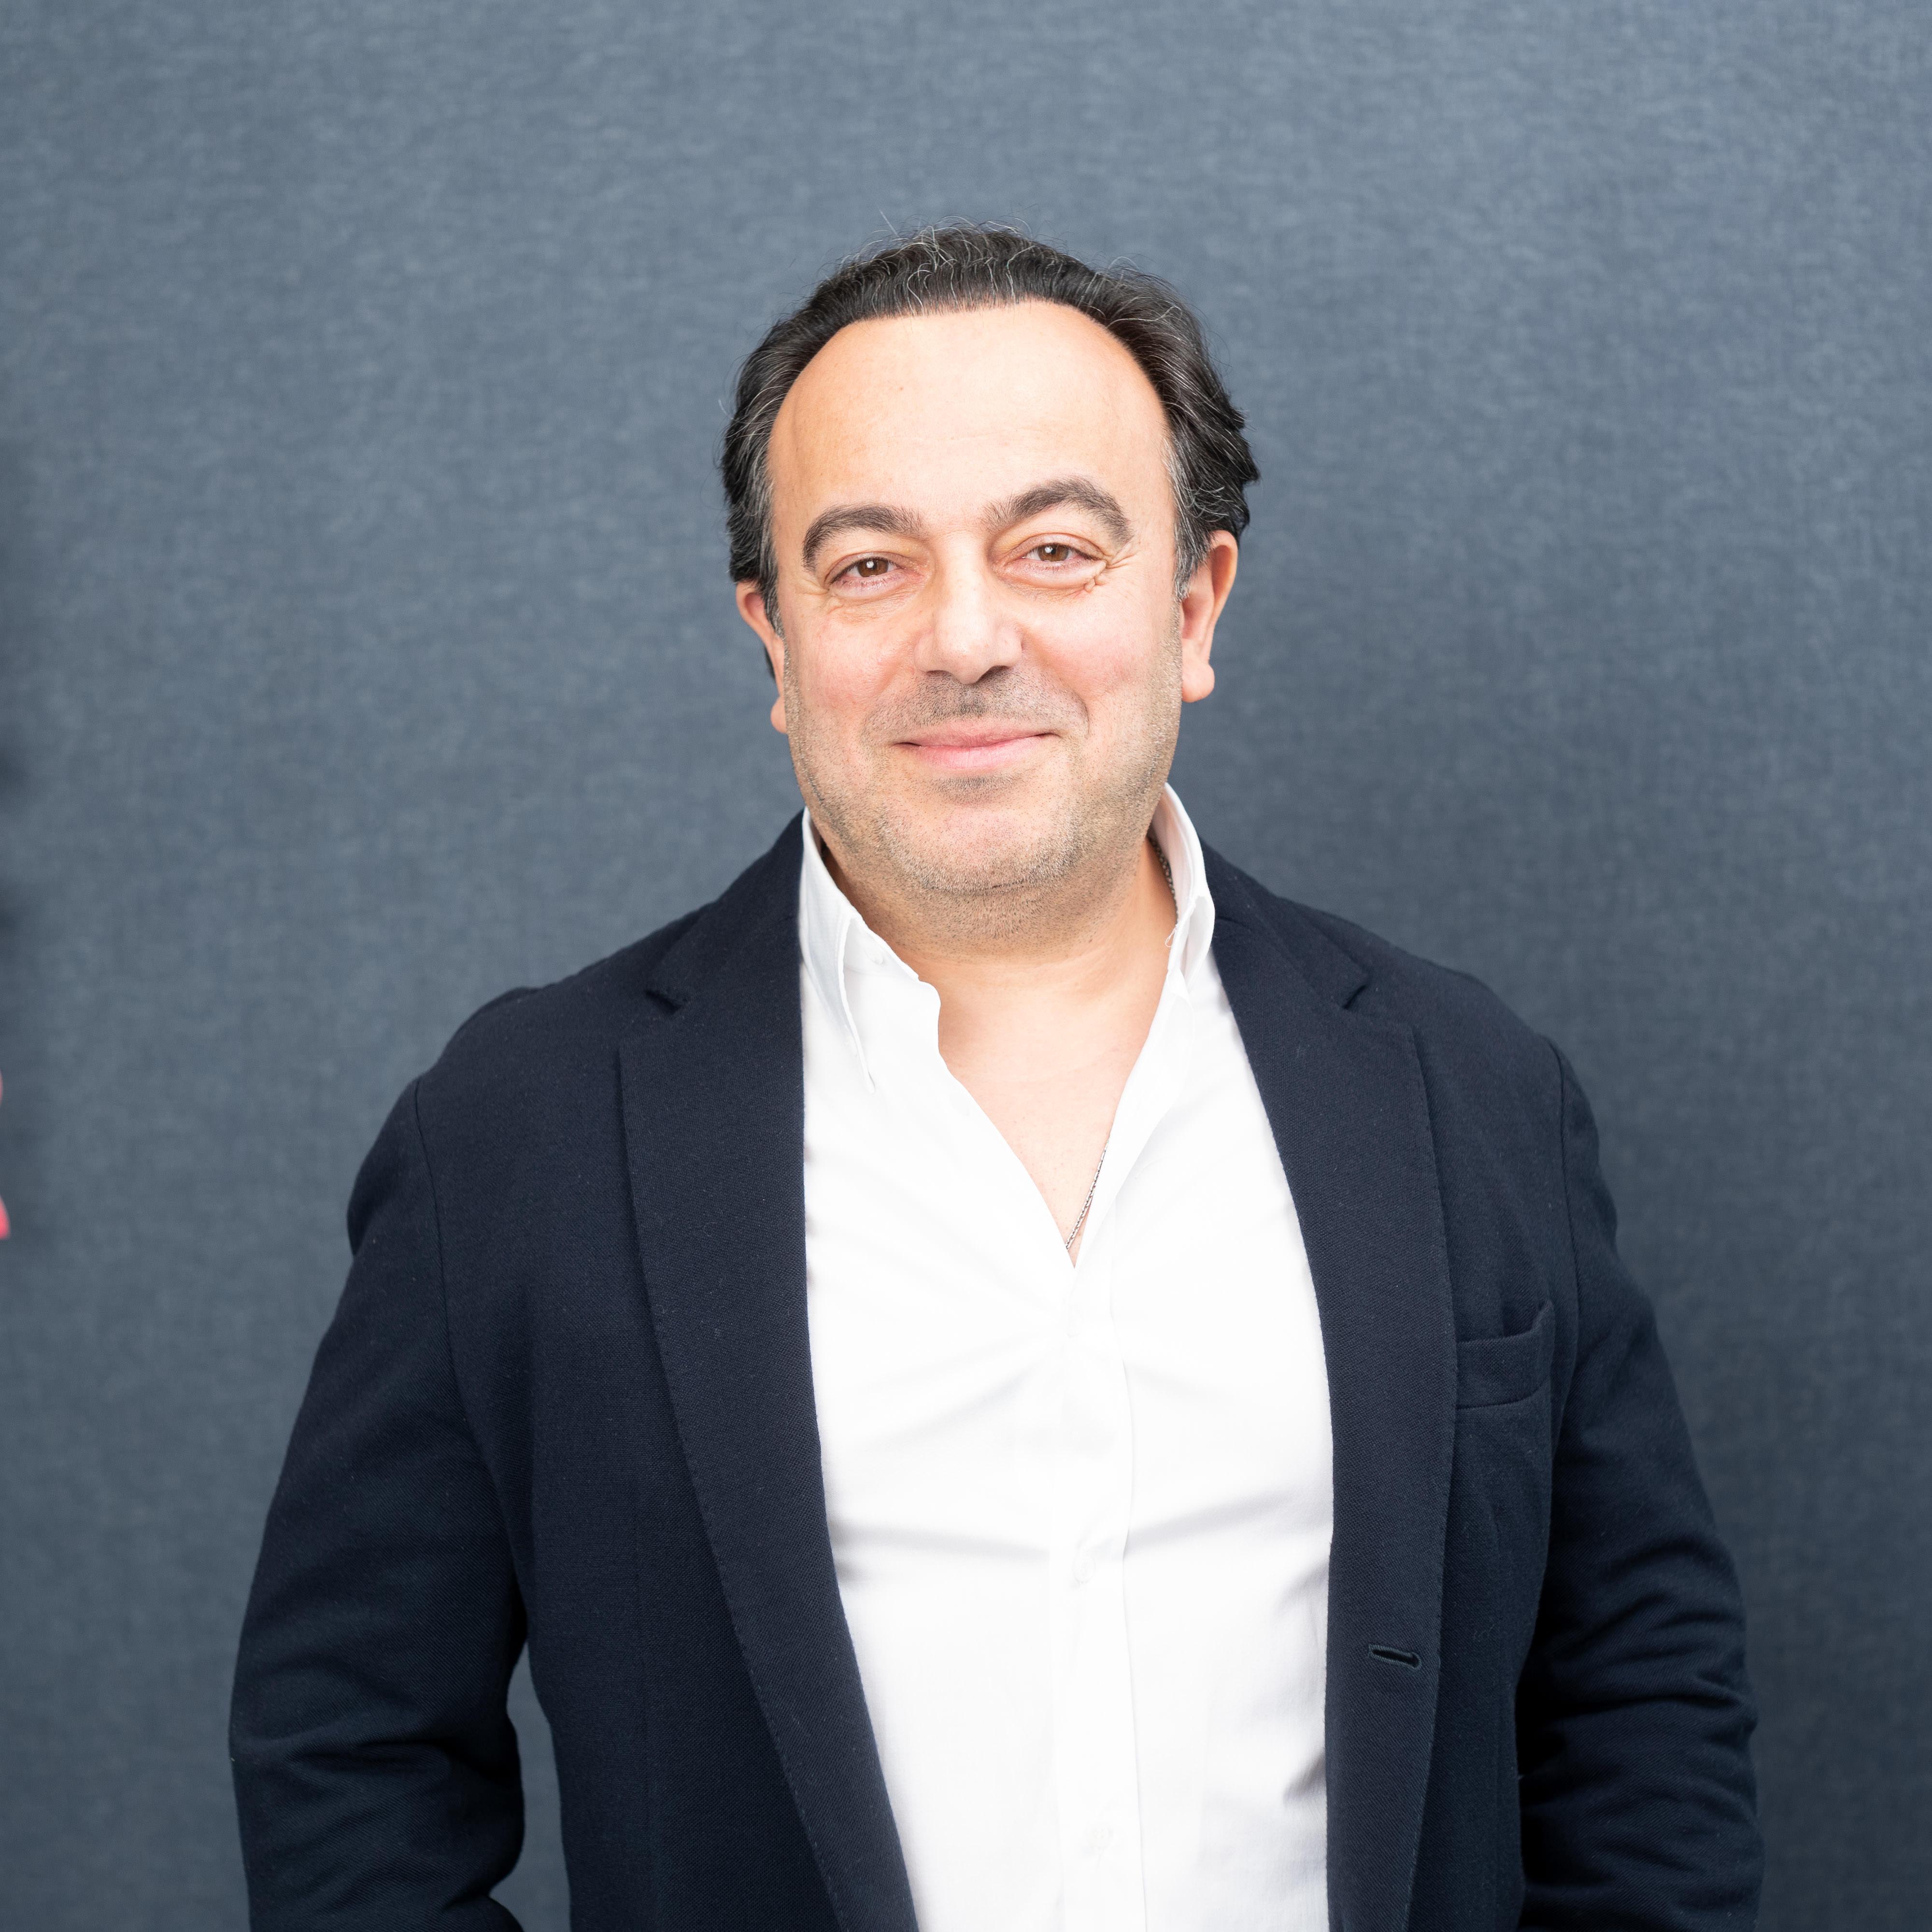 Ziad Dalloul